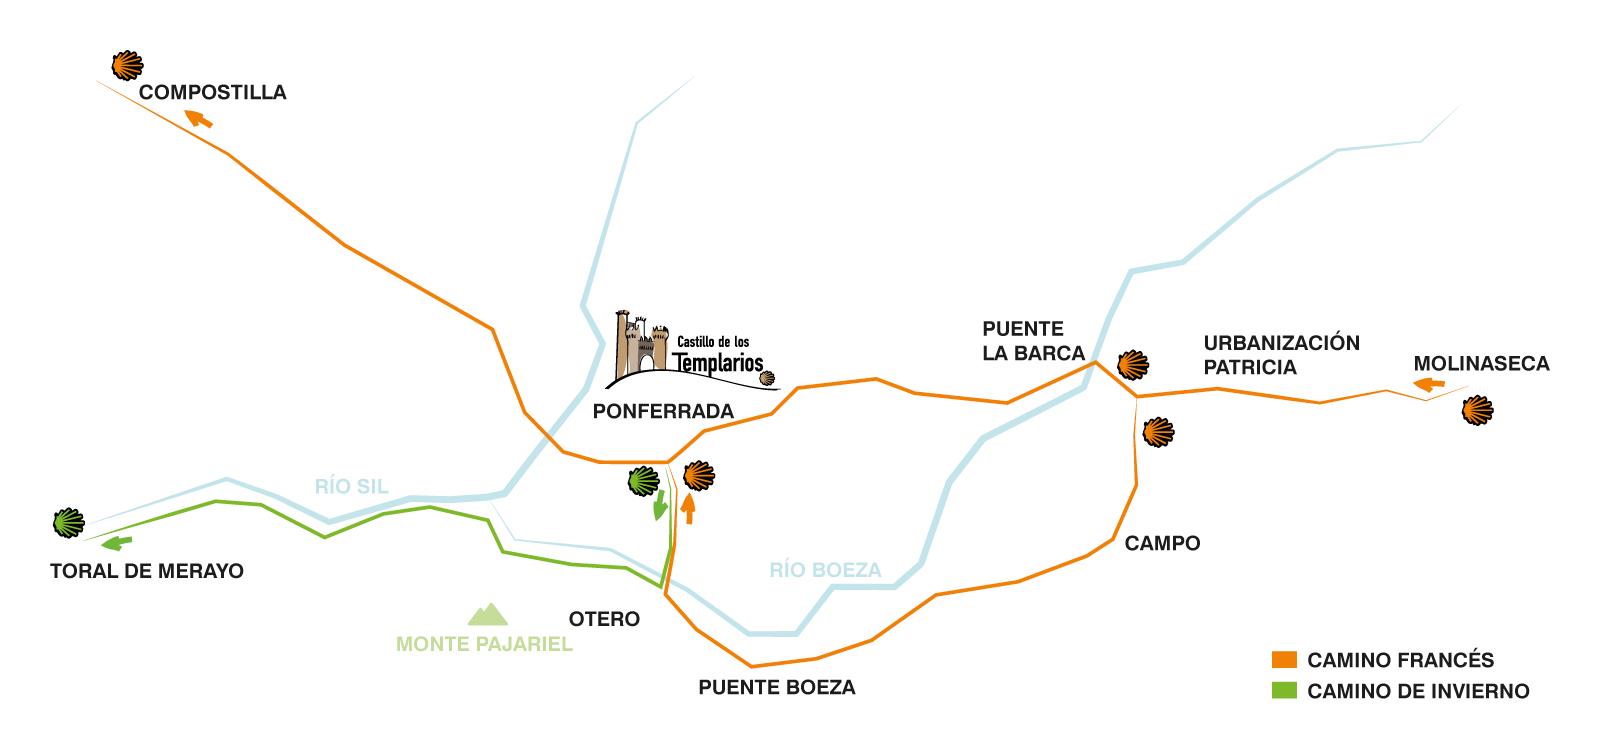 Camino Francés y Camino de Invierno a su paso por Ponferrada